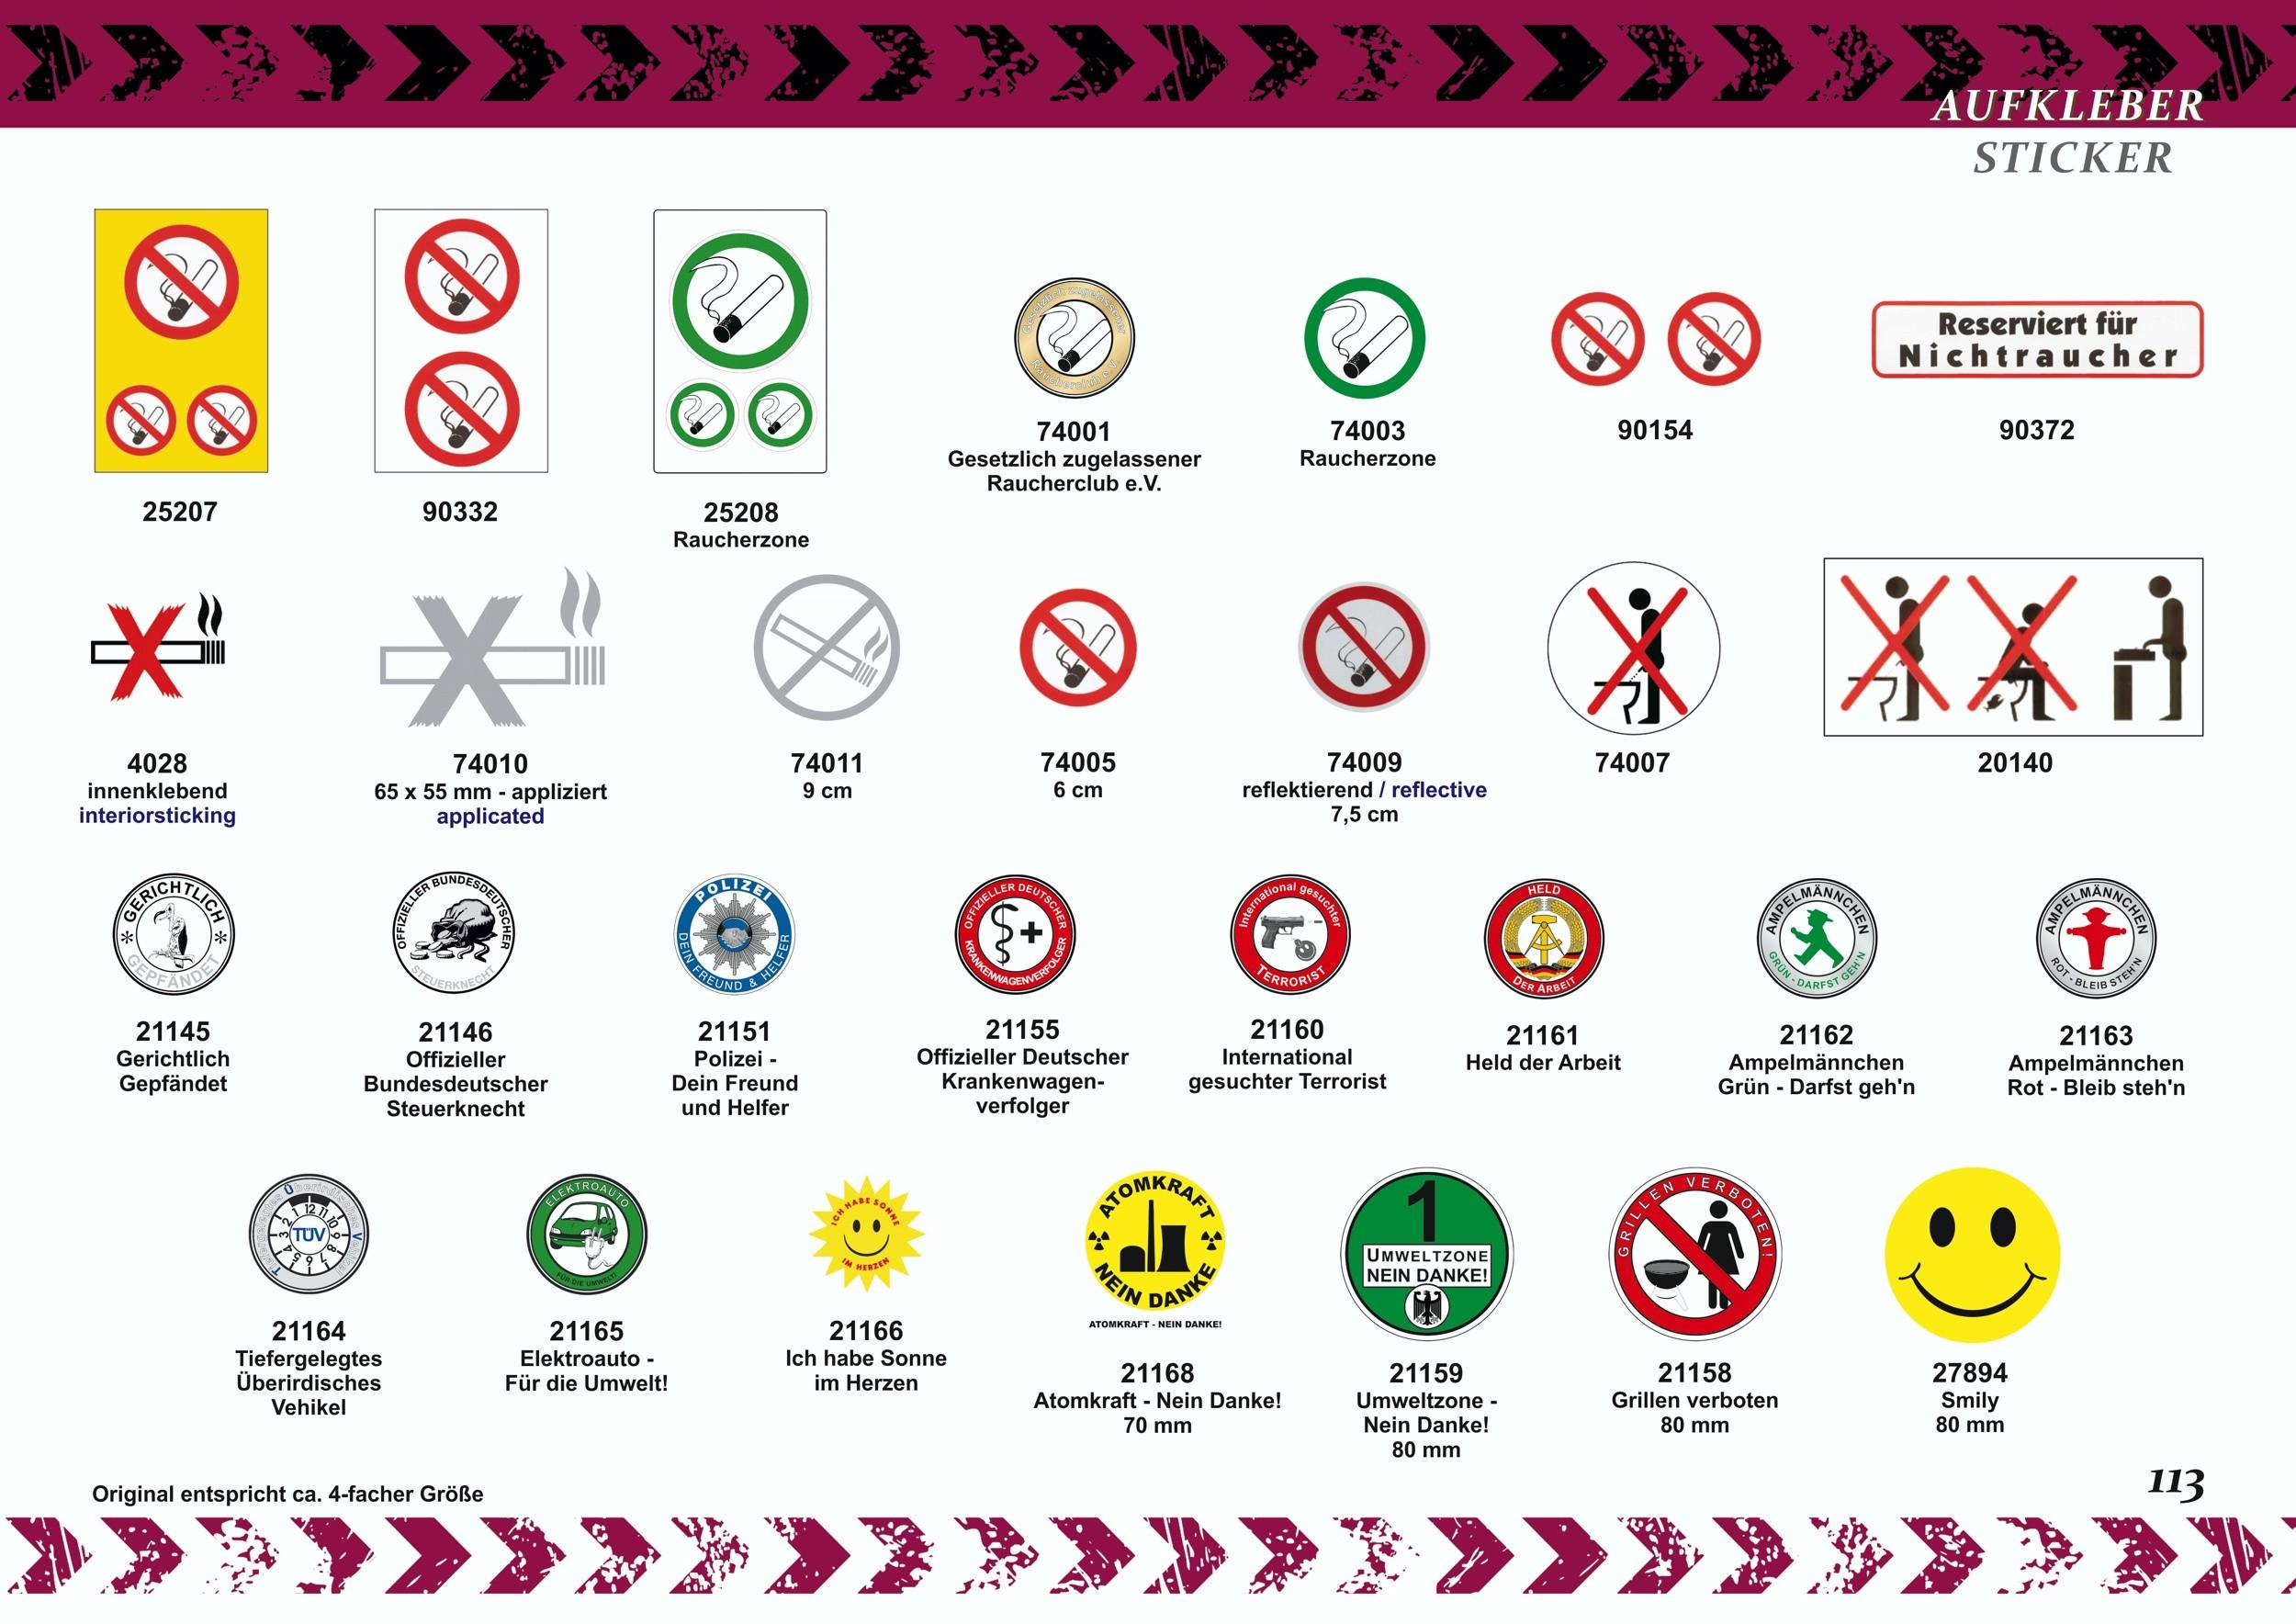 Autocollant Défense de fumer en salles publiques argent Ø 90 mm – Bild 4